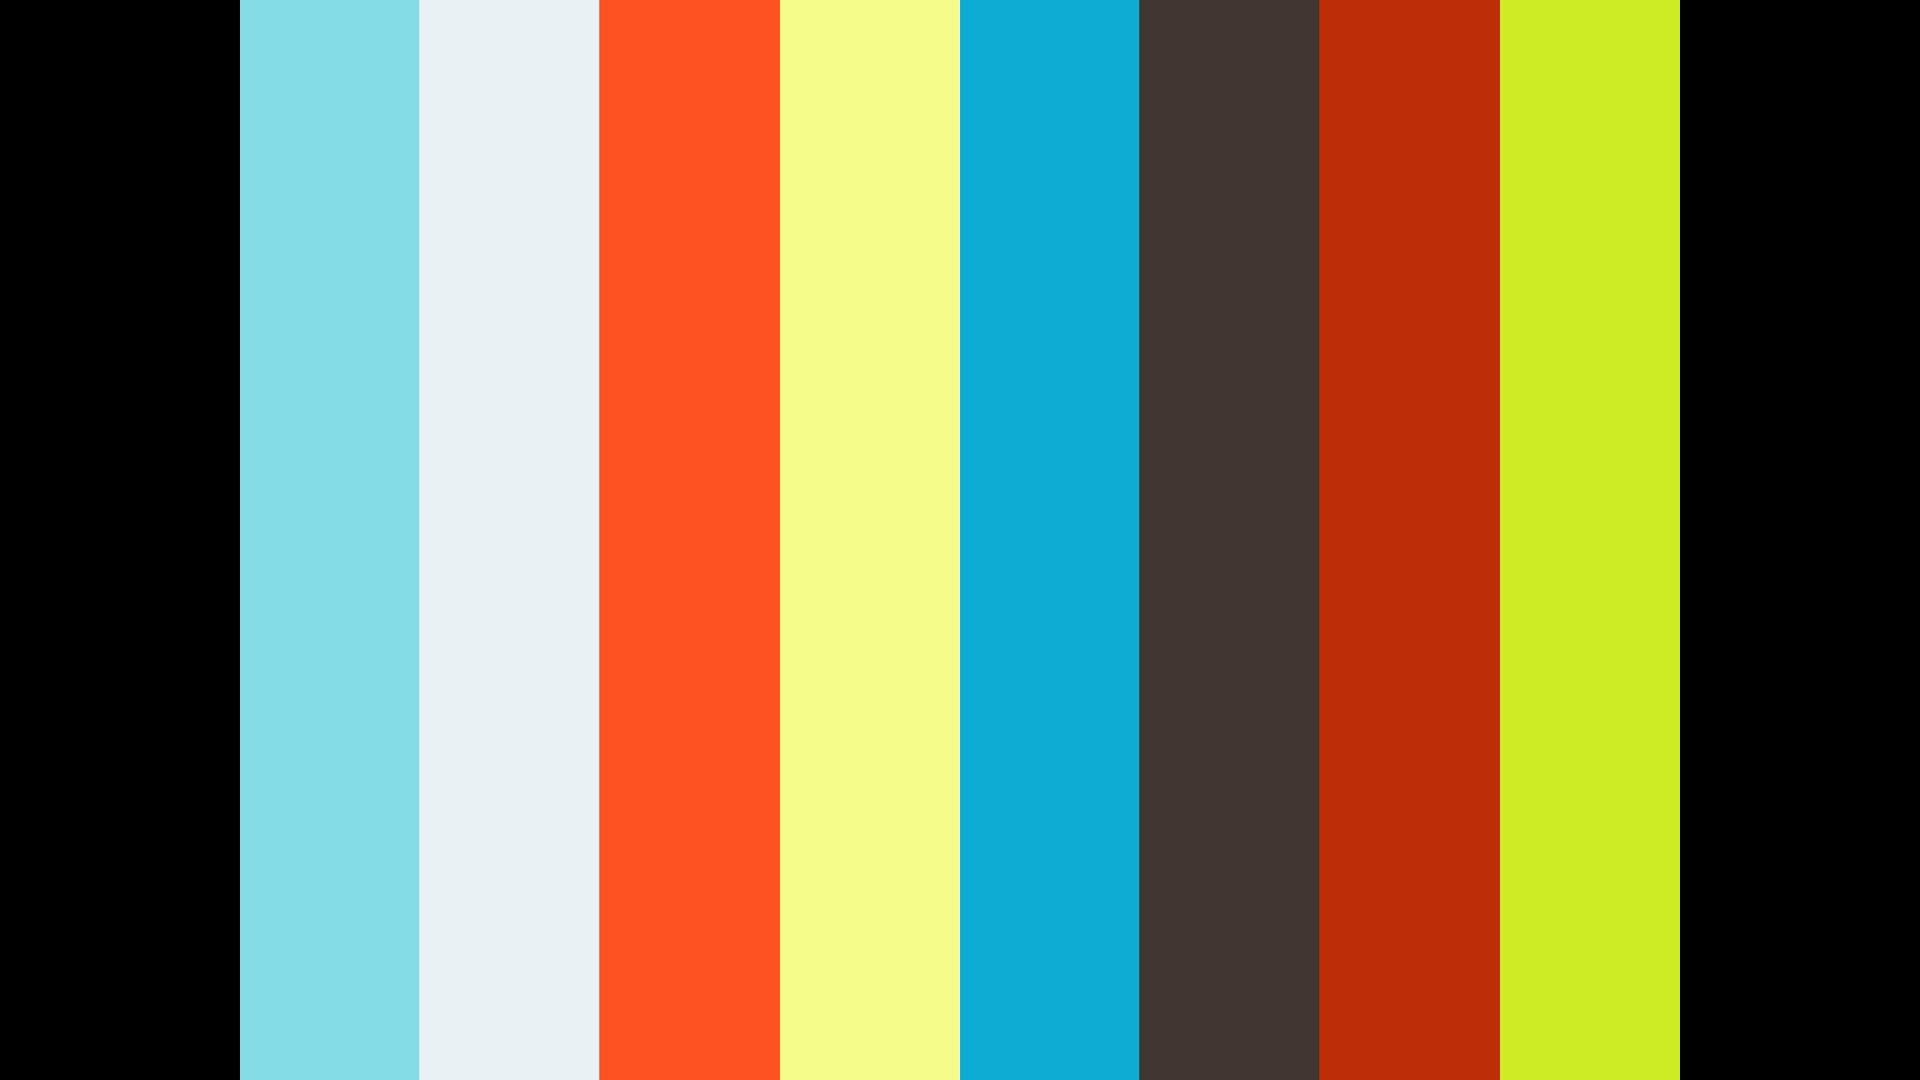 """17/07/2020 - Rec integrale webinar  """"Perché una legge contro l'omobitransfobia: un percorso lungo 25 anni"""""""